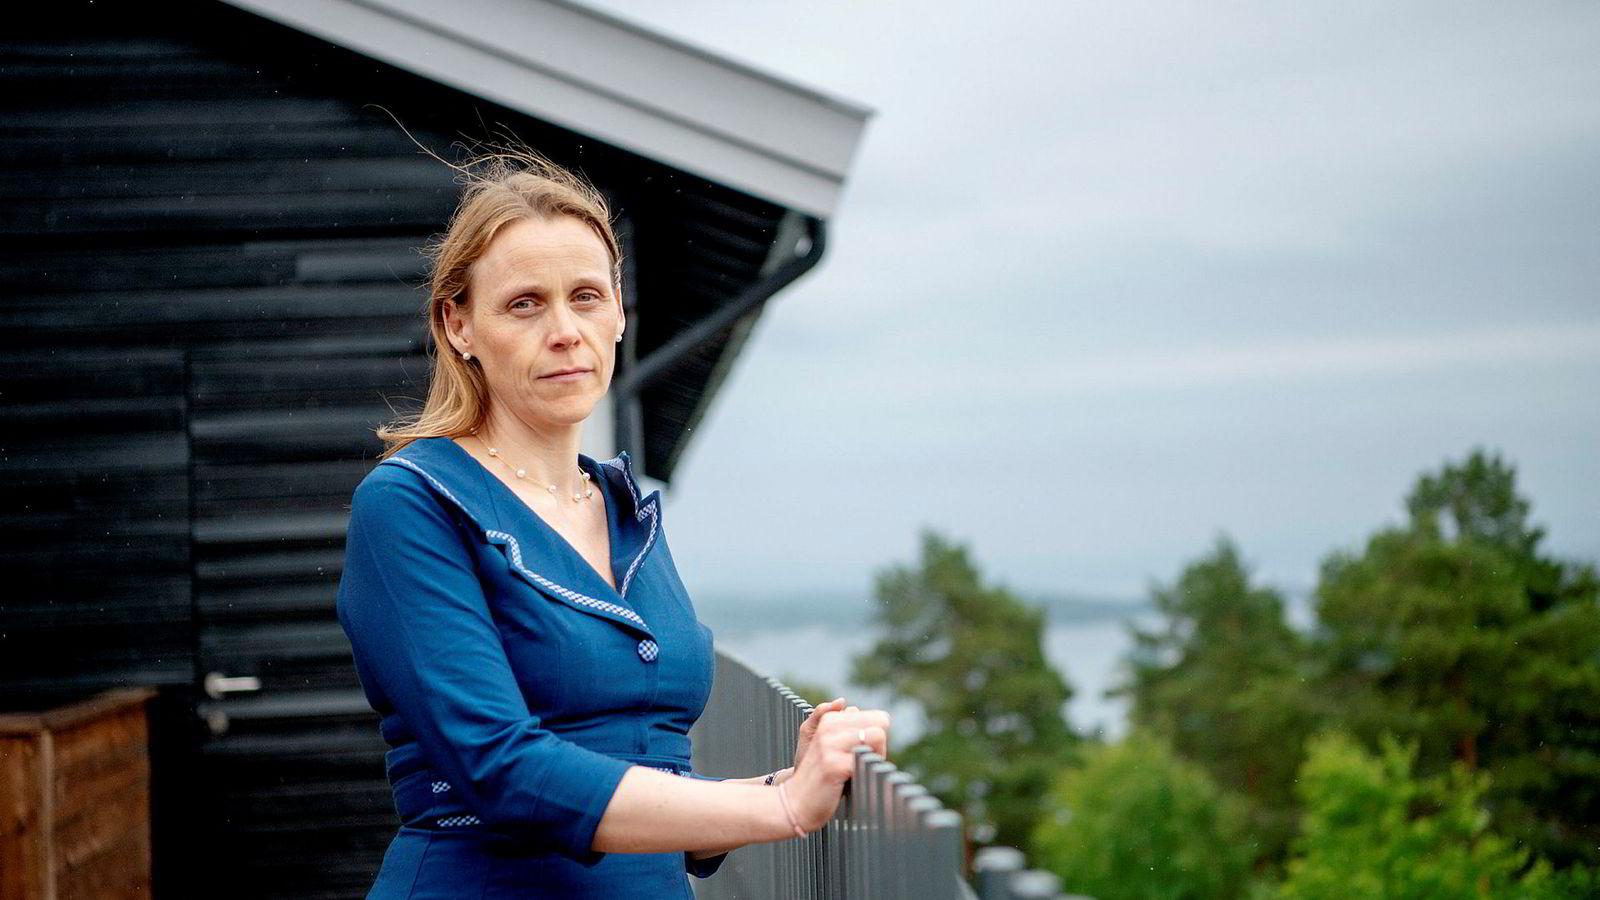 Etter oljenedturen har det blitt enda klarere for Tekna-president Lise Lyngsnes Randeberg at kompetanse må være det viktigste kriteriet ved nedbemanninger. – Vårt inntrykk er at de bedriftene som praktiserte «sist inn – først ut» har klart seg dårligere etterpå.